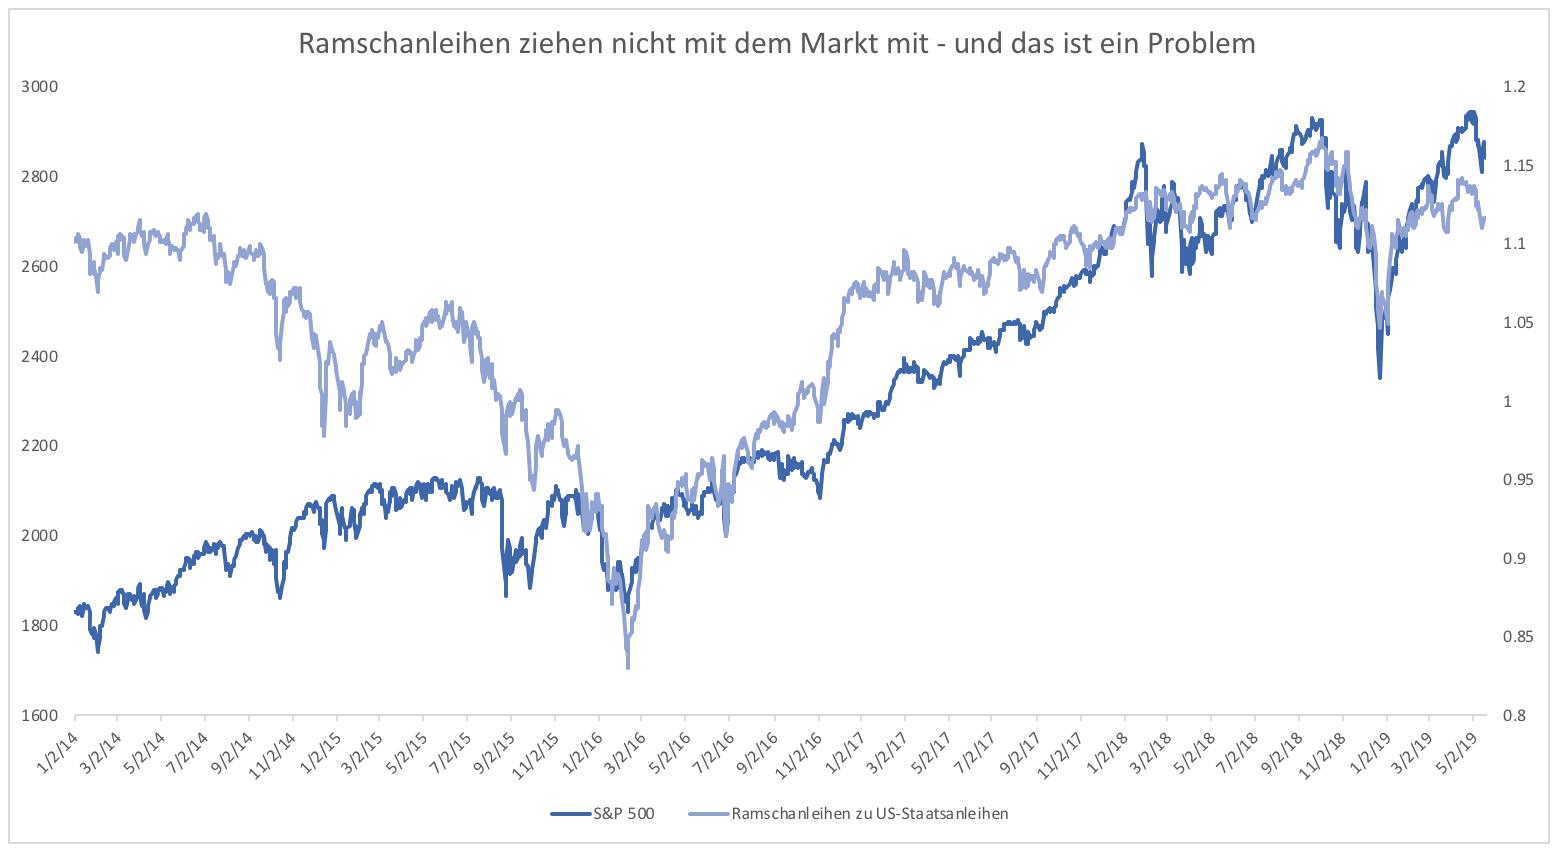 Aktienmarkt-Korrekturfortsetzung-wird-immer-wahrscheinlicher-Kommentar-Clemens-Schmale-GodmodeTrader.de-2